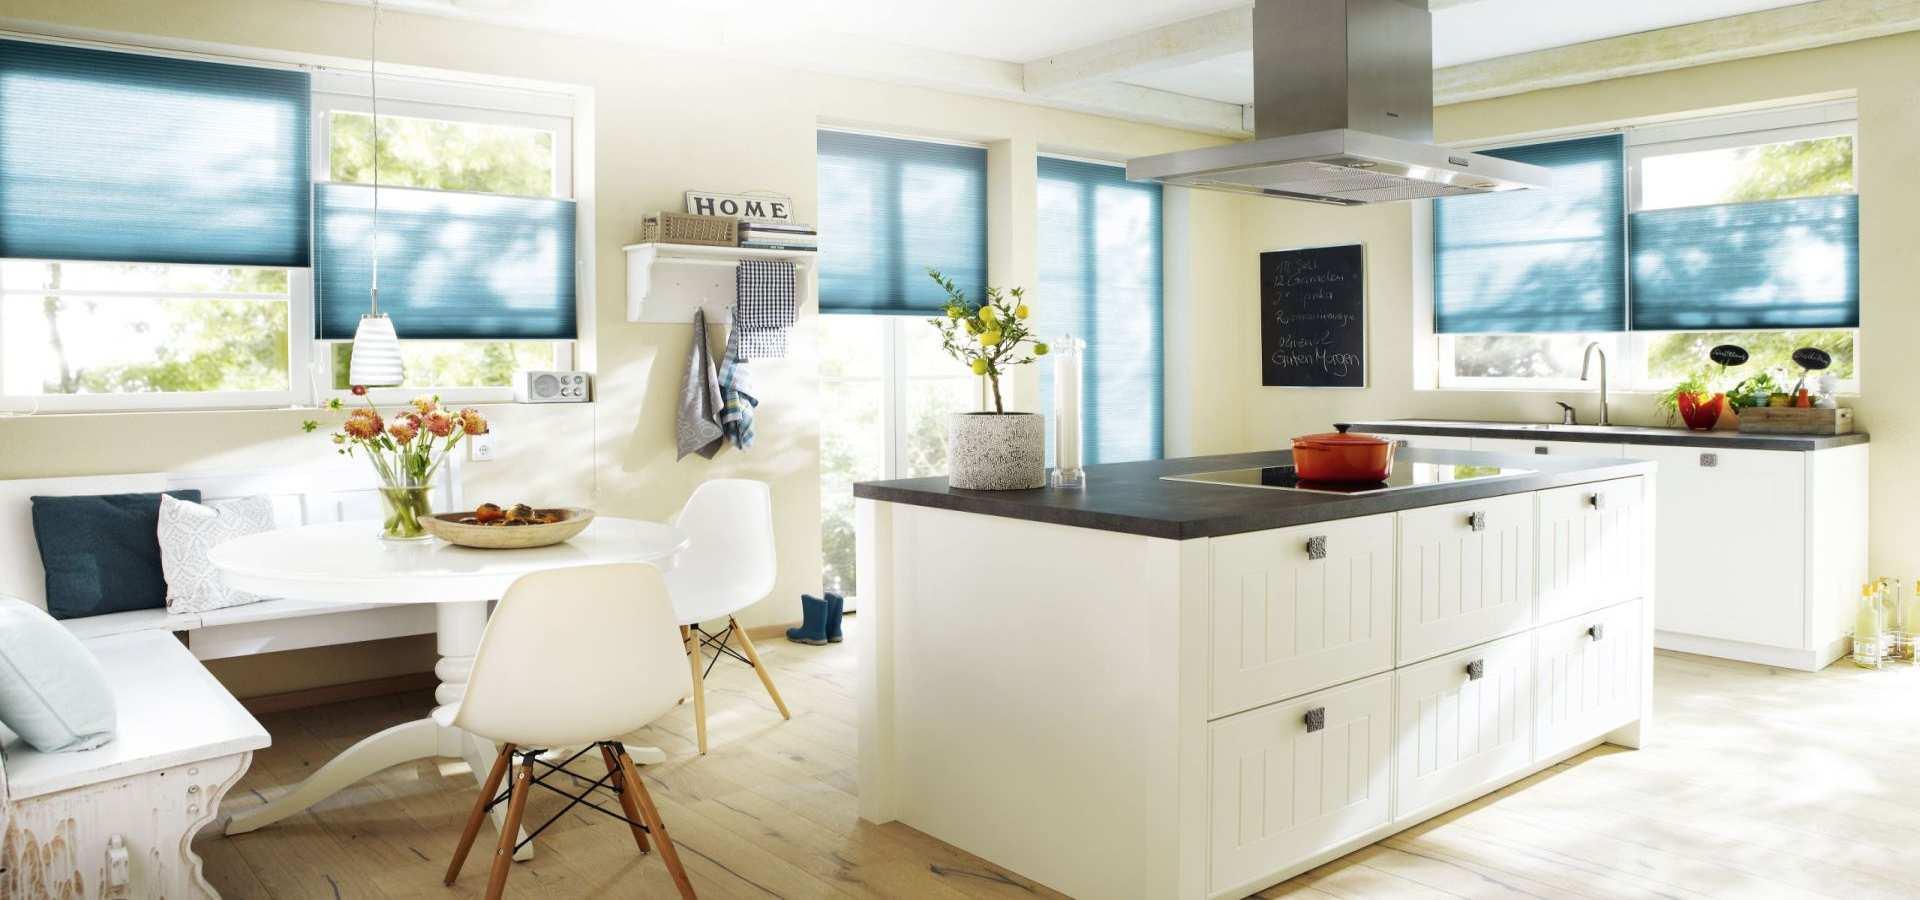 Bild Küche Plissees Duette blau farbverlauf